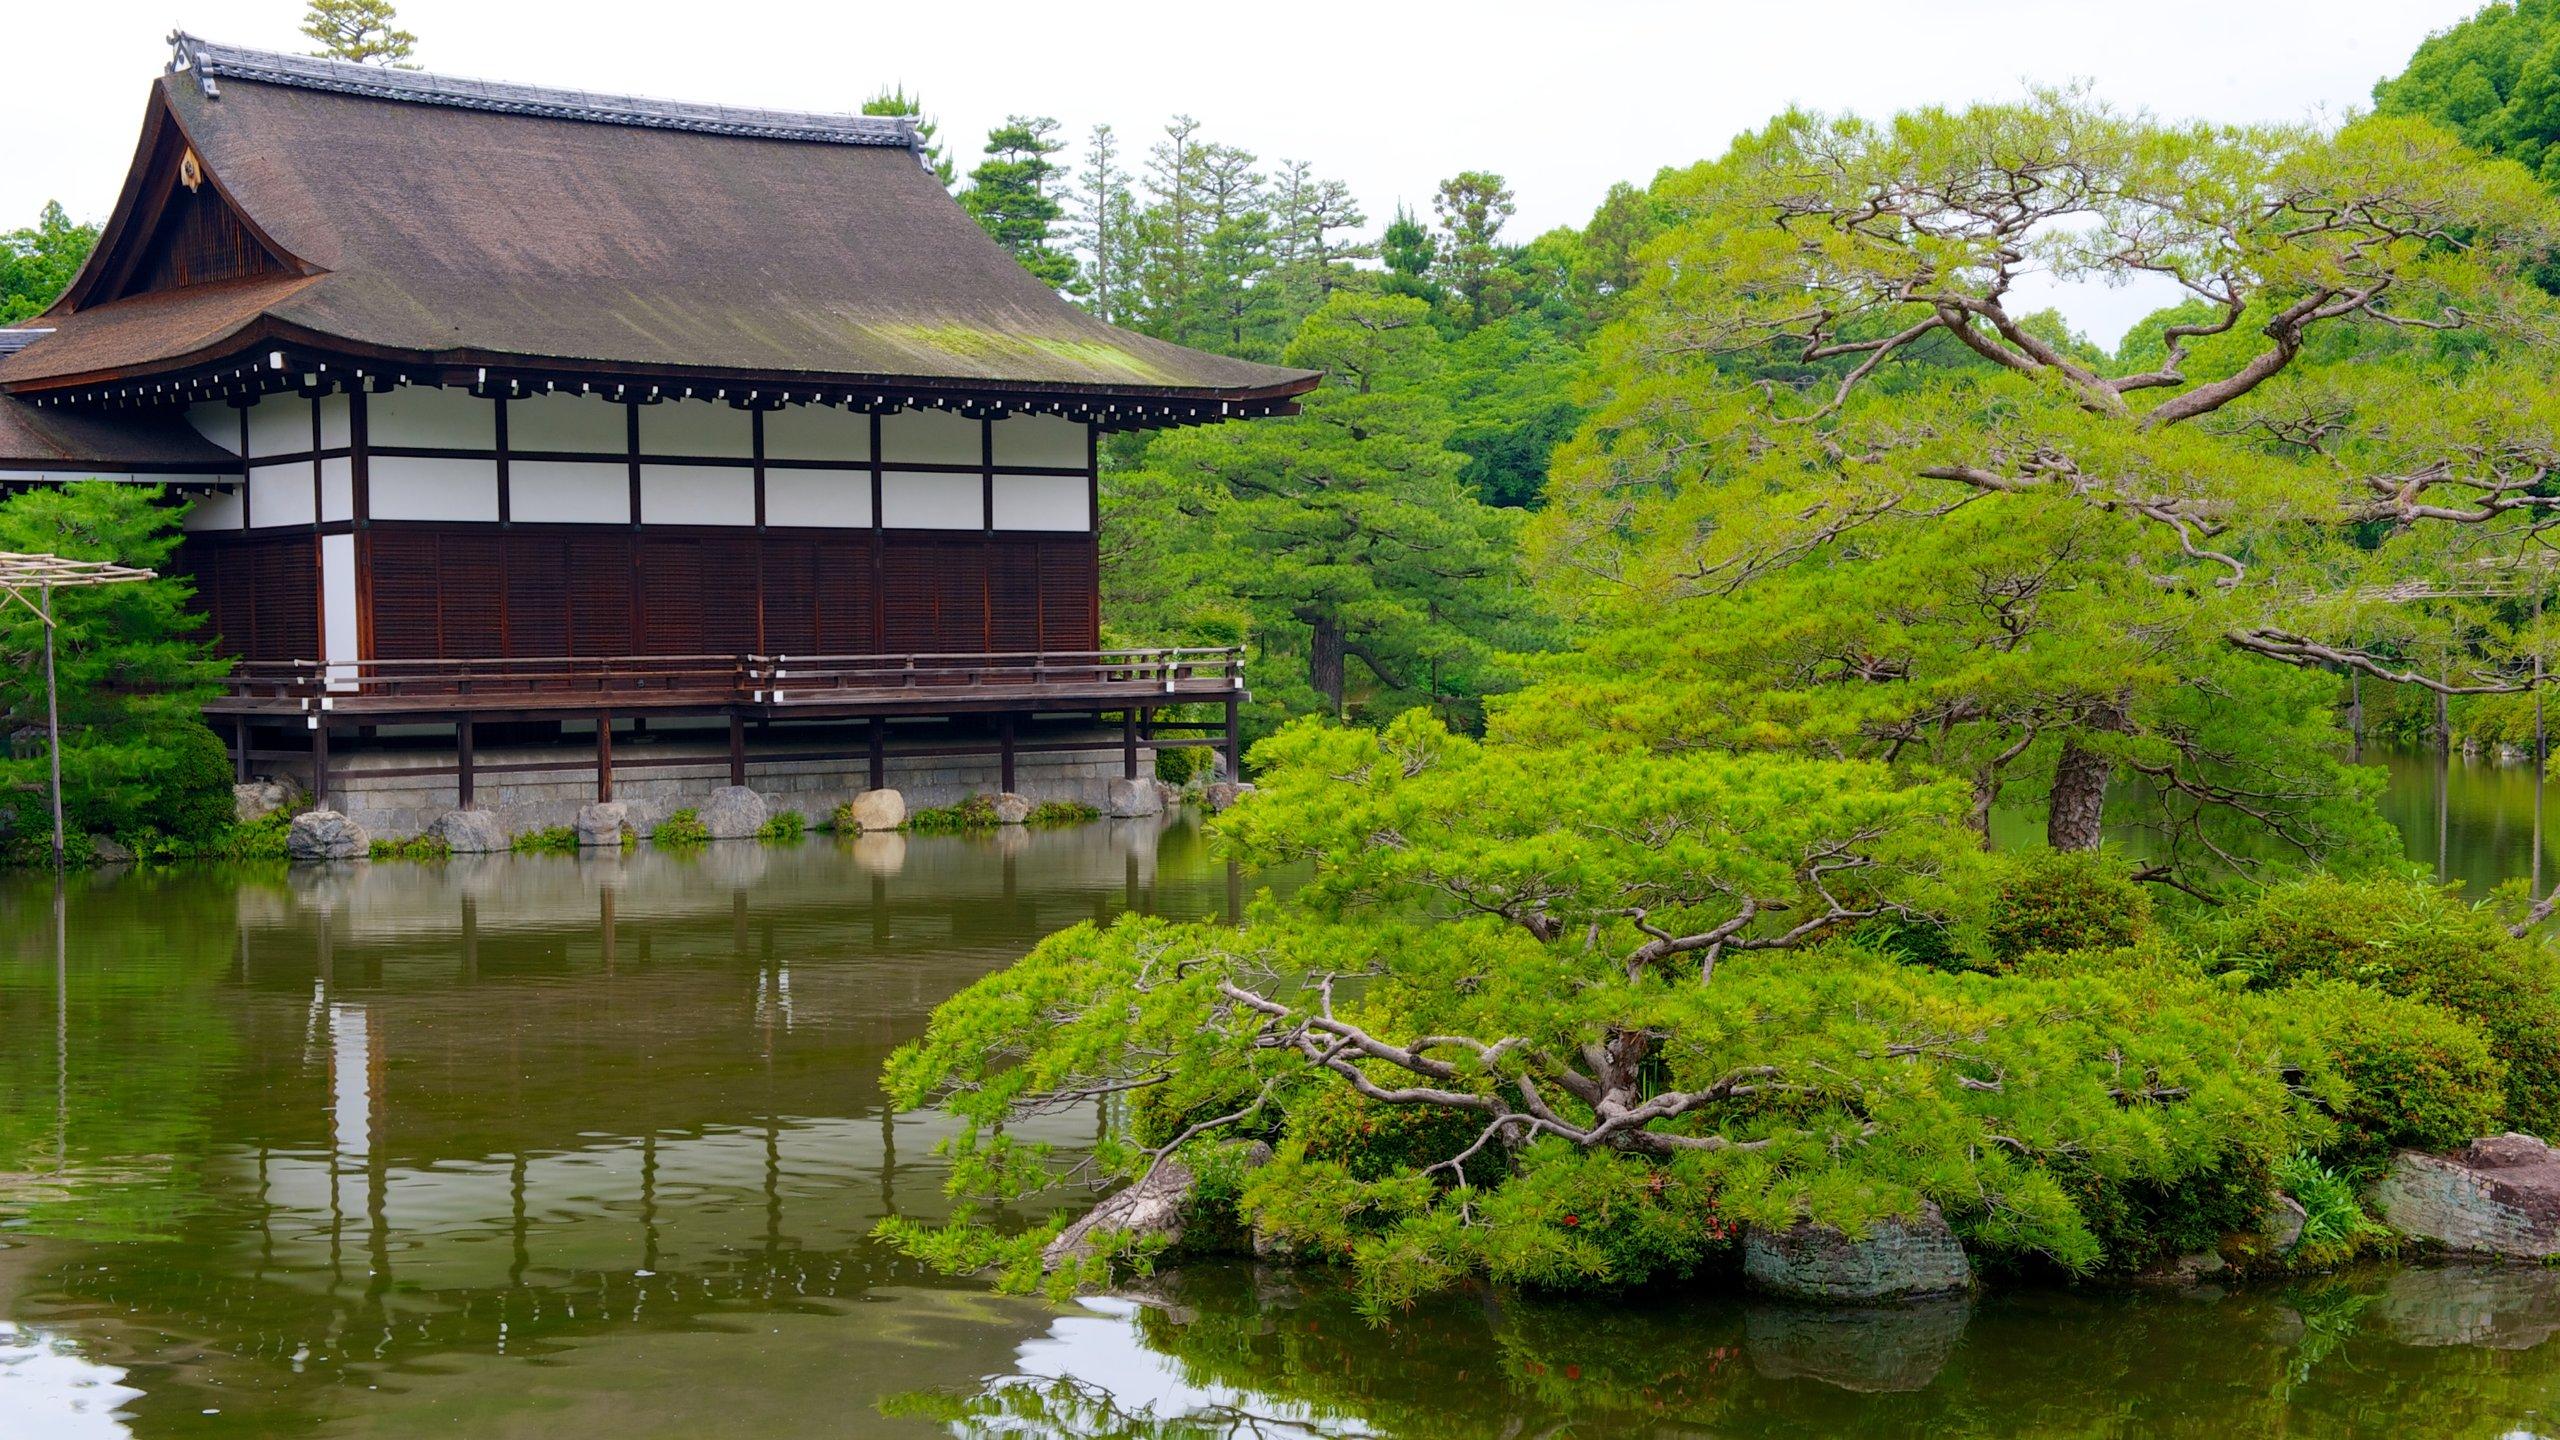 Deze schrijn is geliefd onder zowel patriottische Japanners als nieuwsgierige toeristen. Je vindt hier charmante gebouwen en natuurlijke tuinen die symbool staan voor Kyoto's heden en verleden.